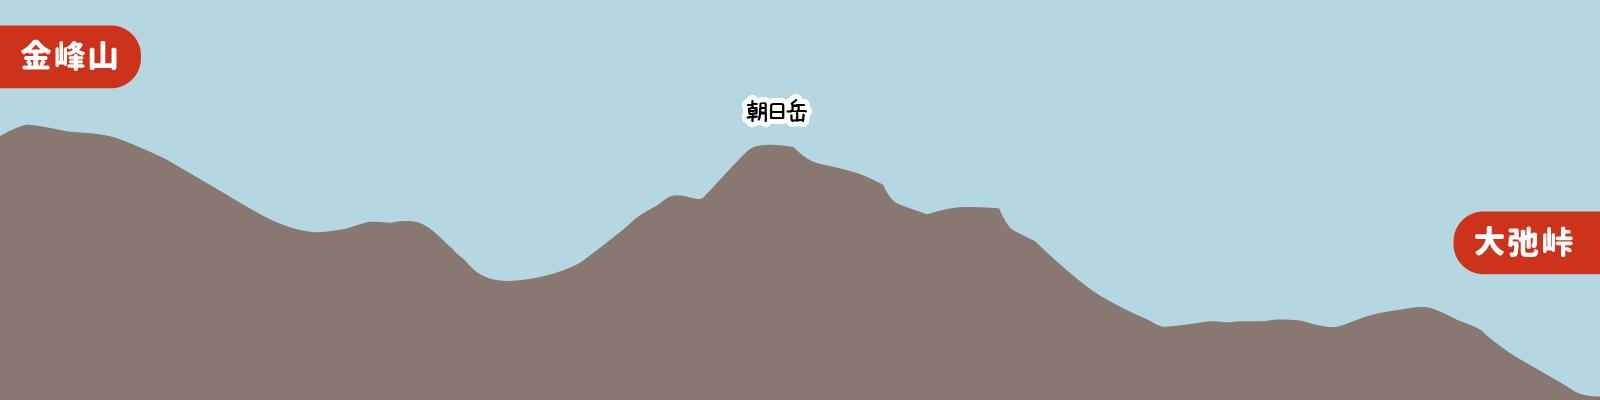 金峰山から大弛峠への高低差